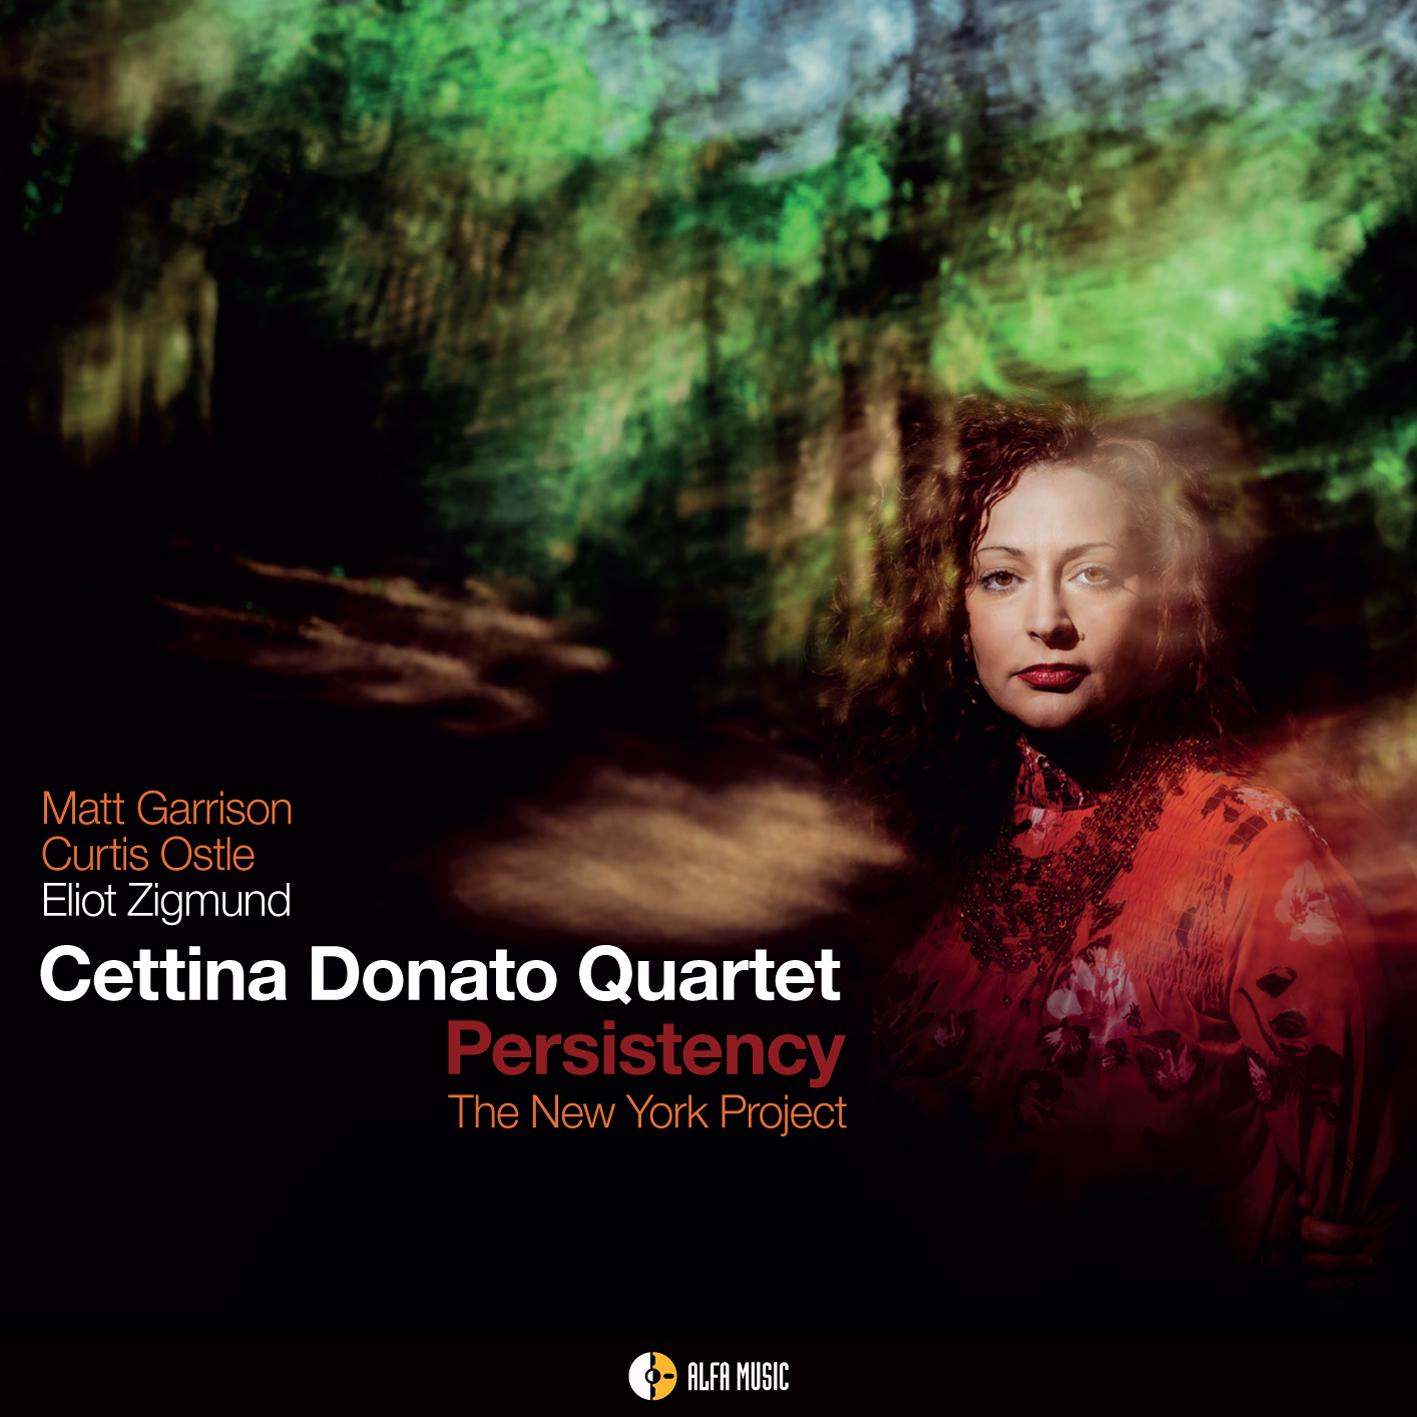 Cettina Donato</br> Persistency – The New York Project</br>Alfa Music, 2017